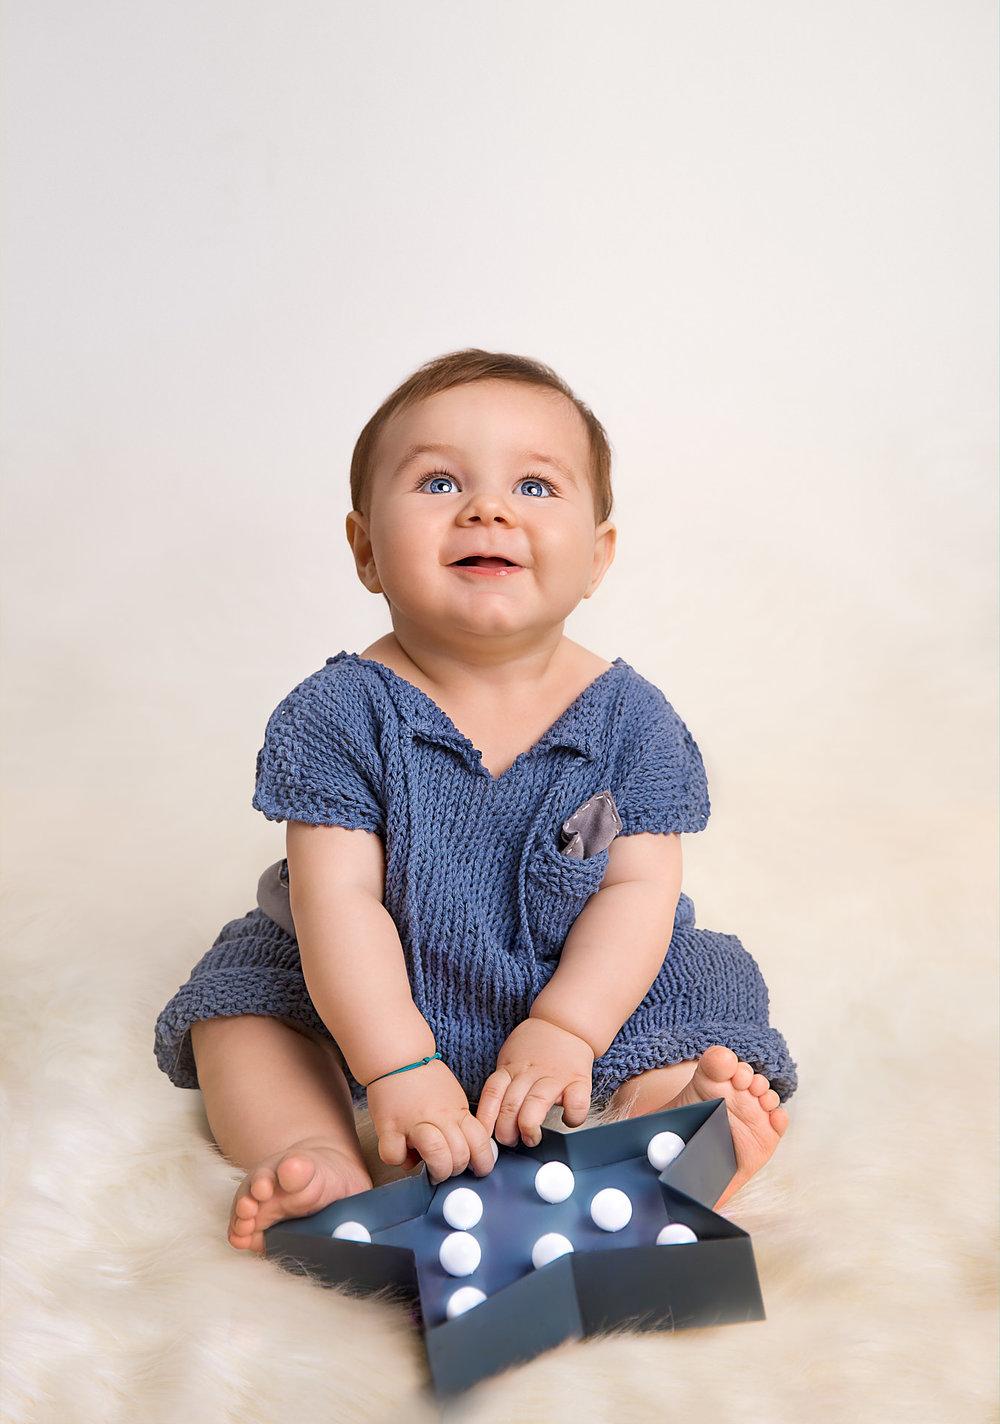 photographe bébé valence